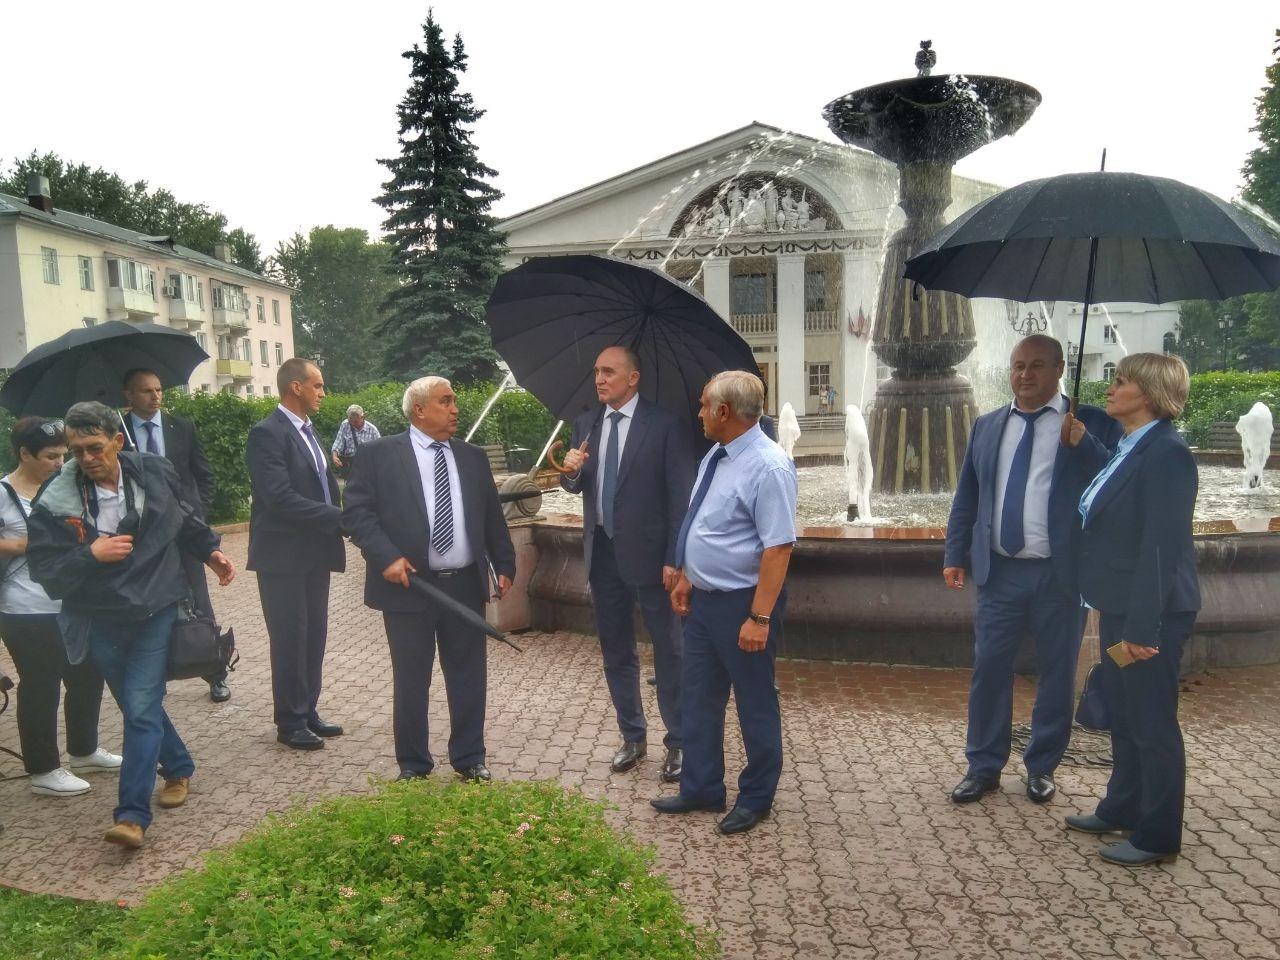 Губернатор Челябинской области Борис Дубровский сегодня, 28 июня, в рамках рабочего визита на «Аш